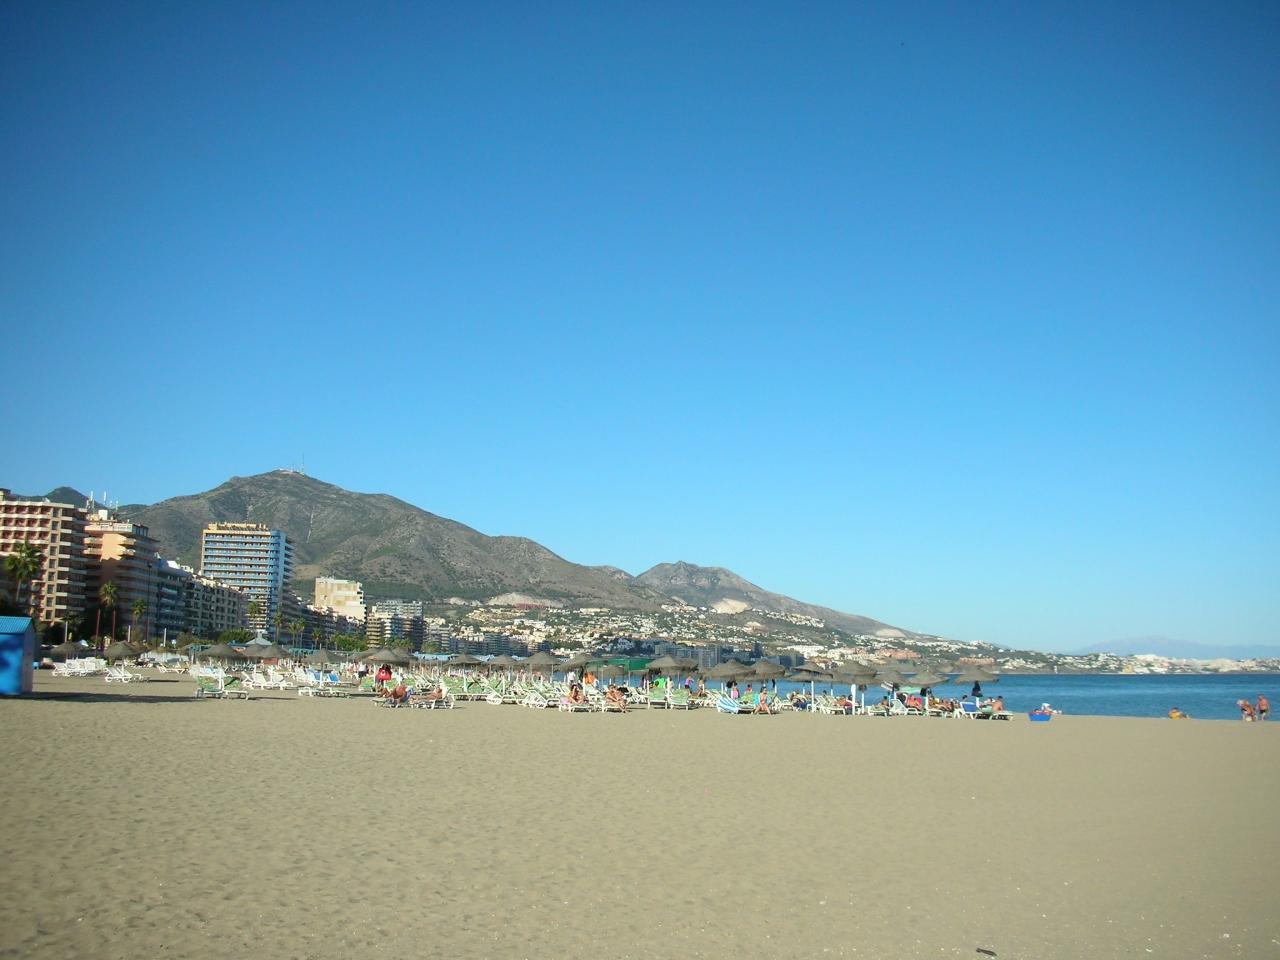 南スペイン、レゾート地コスタ デル ソルで休暇